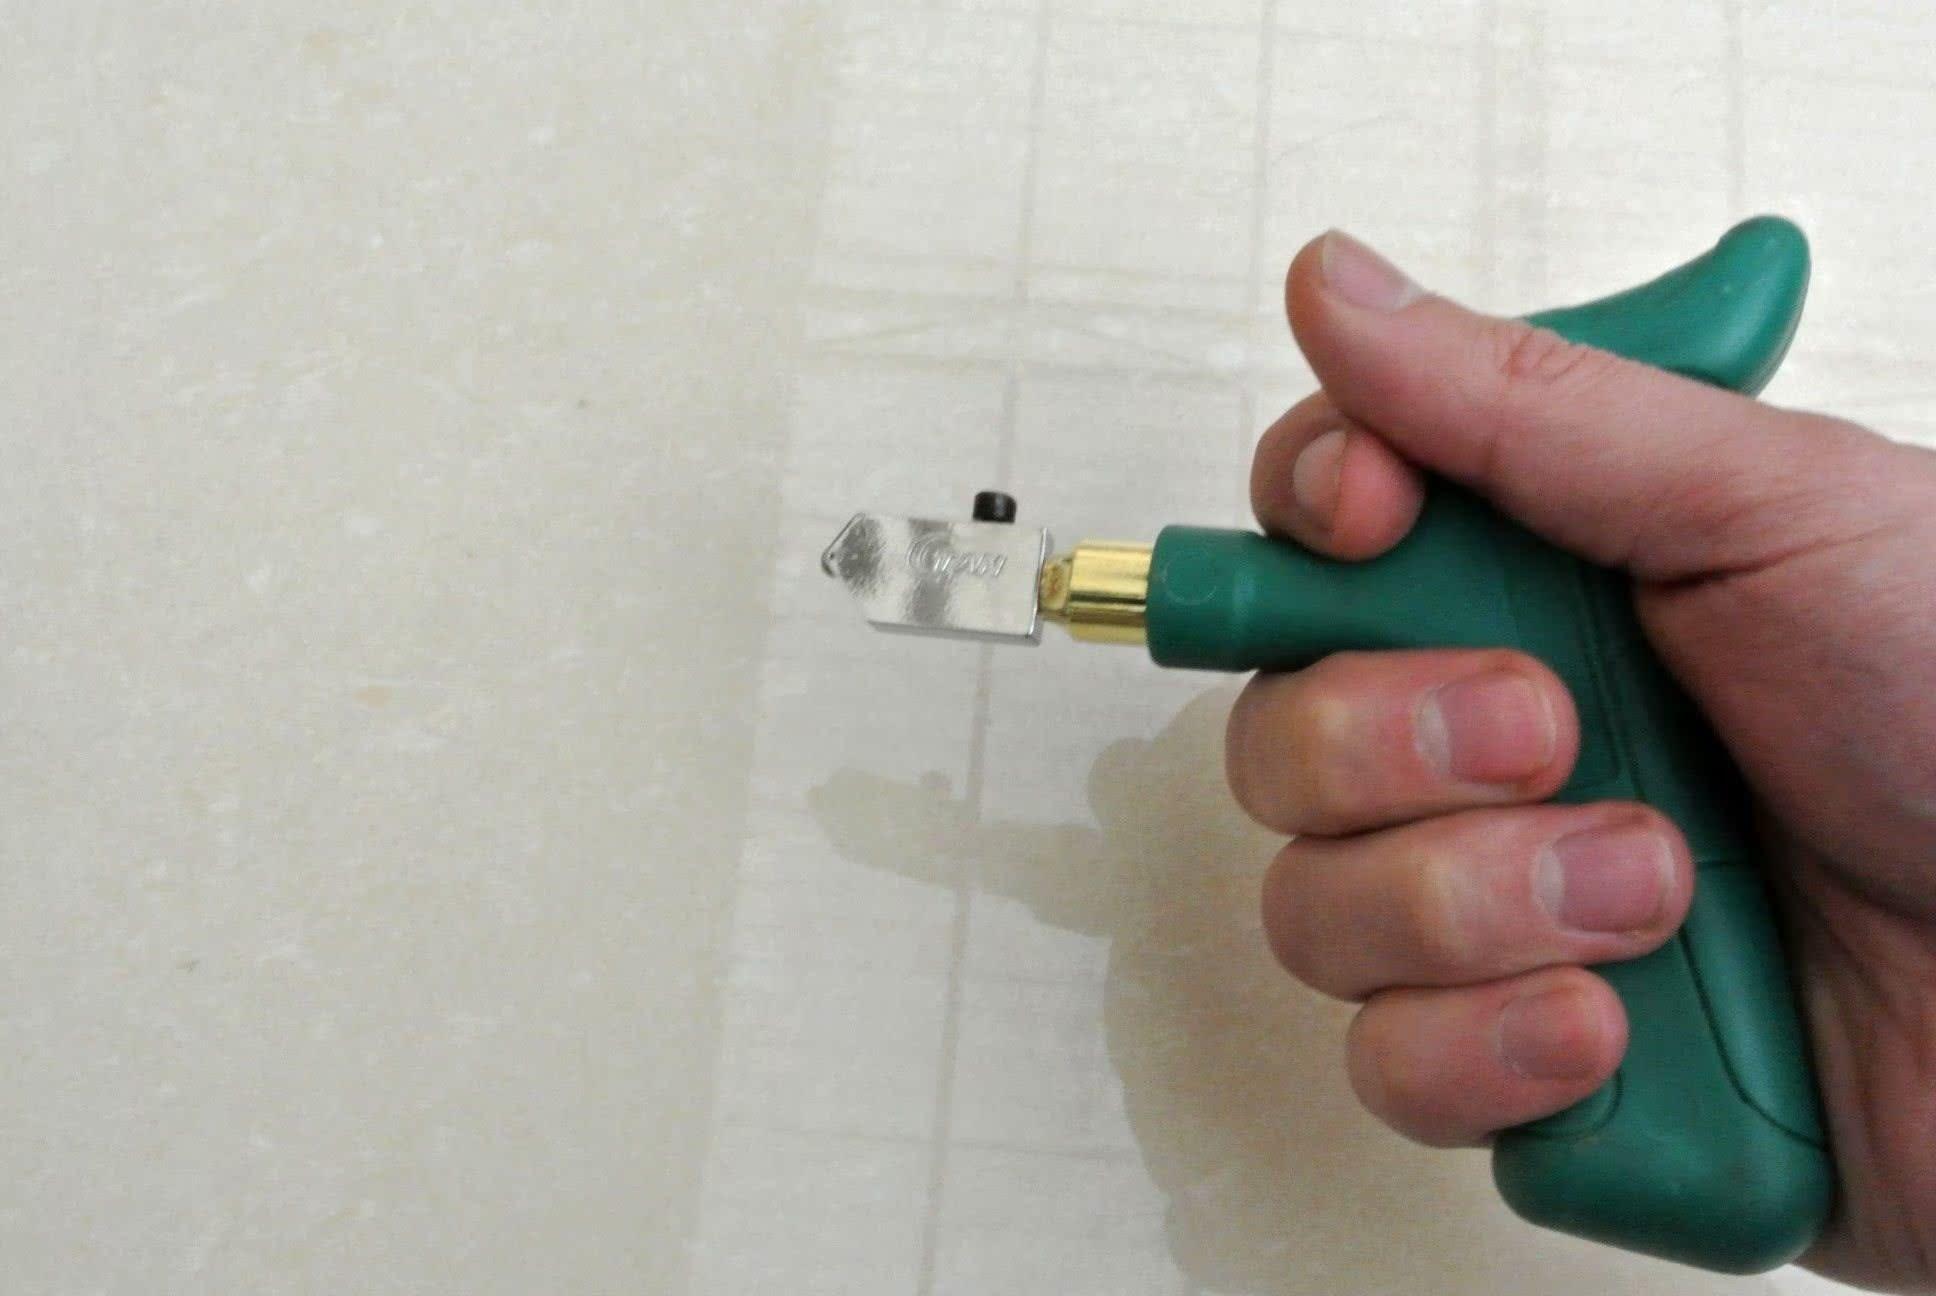 开砖神器器瓷砖开界器玻璃瓷砖开介器开片器瓷玻璃瓷砖辅助工具